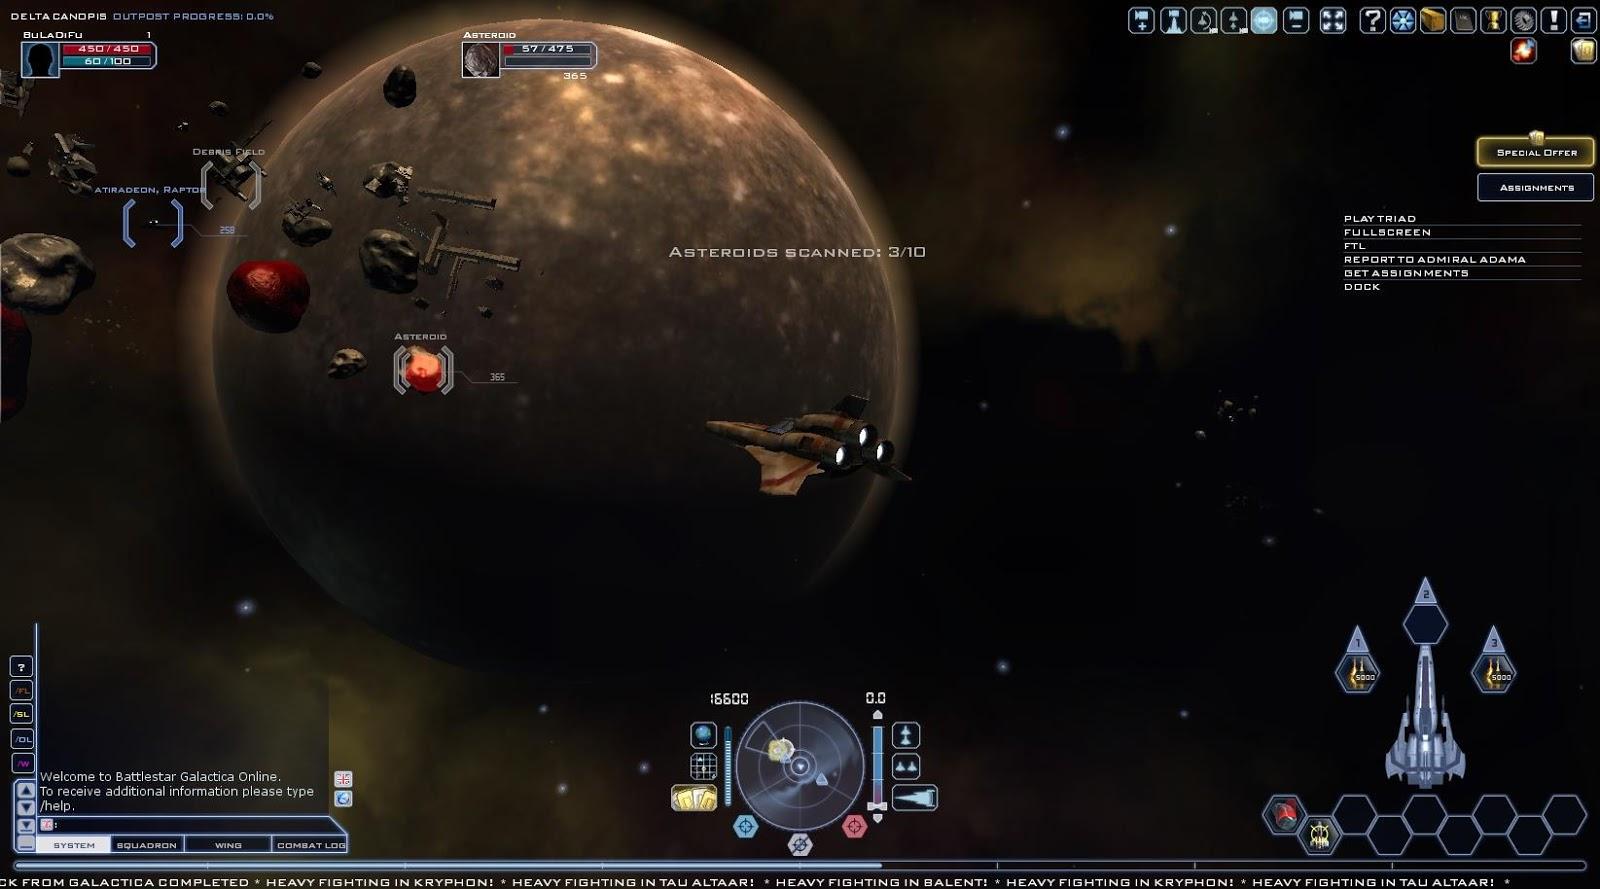 Battlestar Galactica Online - Mining Asteroids